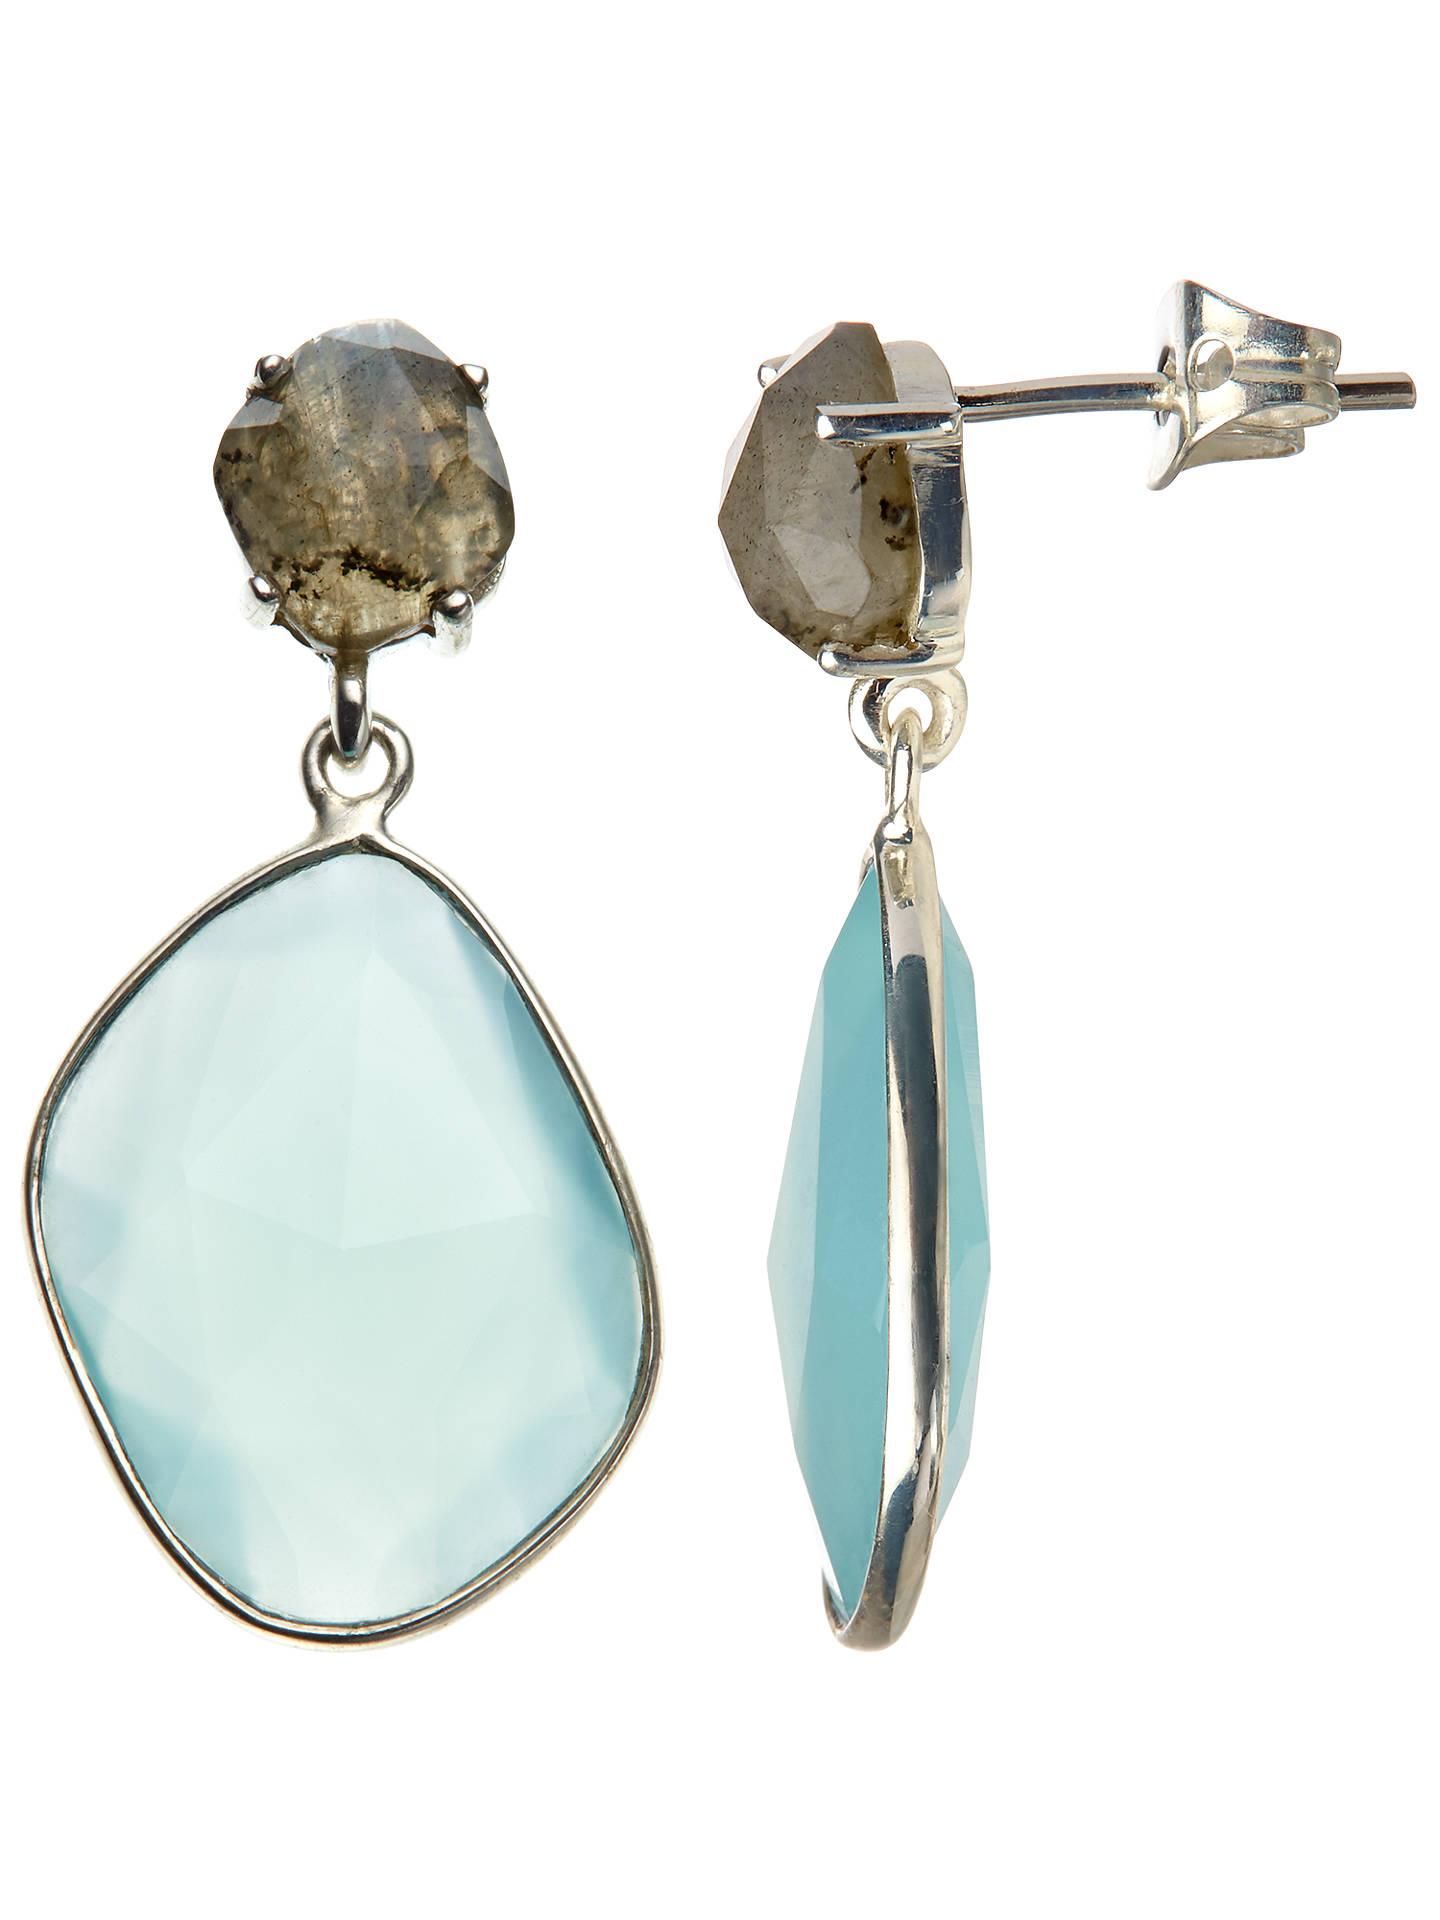 John Lewis Partners Semi Precious Stone Large Drop Earrings Labradorite Aqua Chalcedony